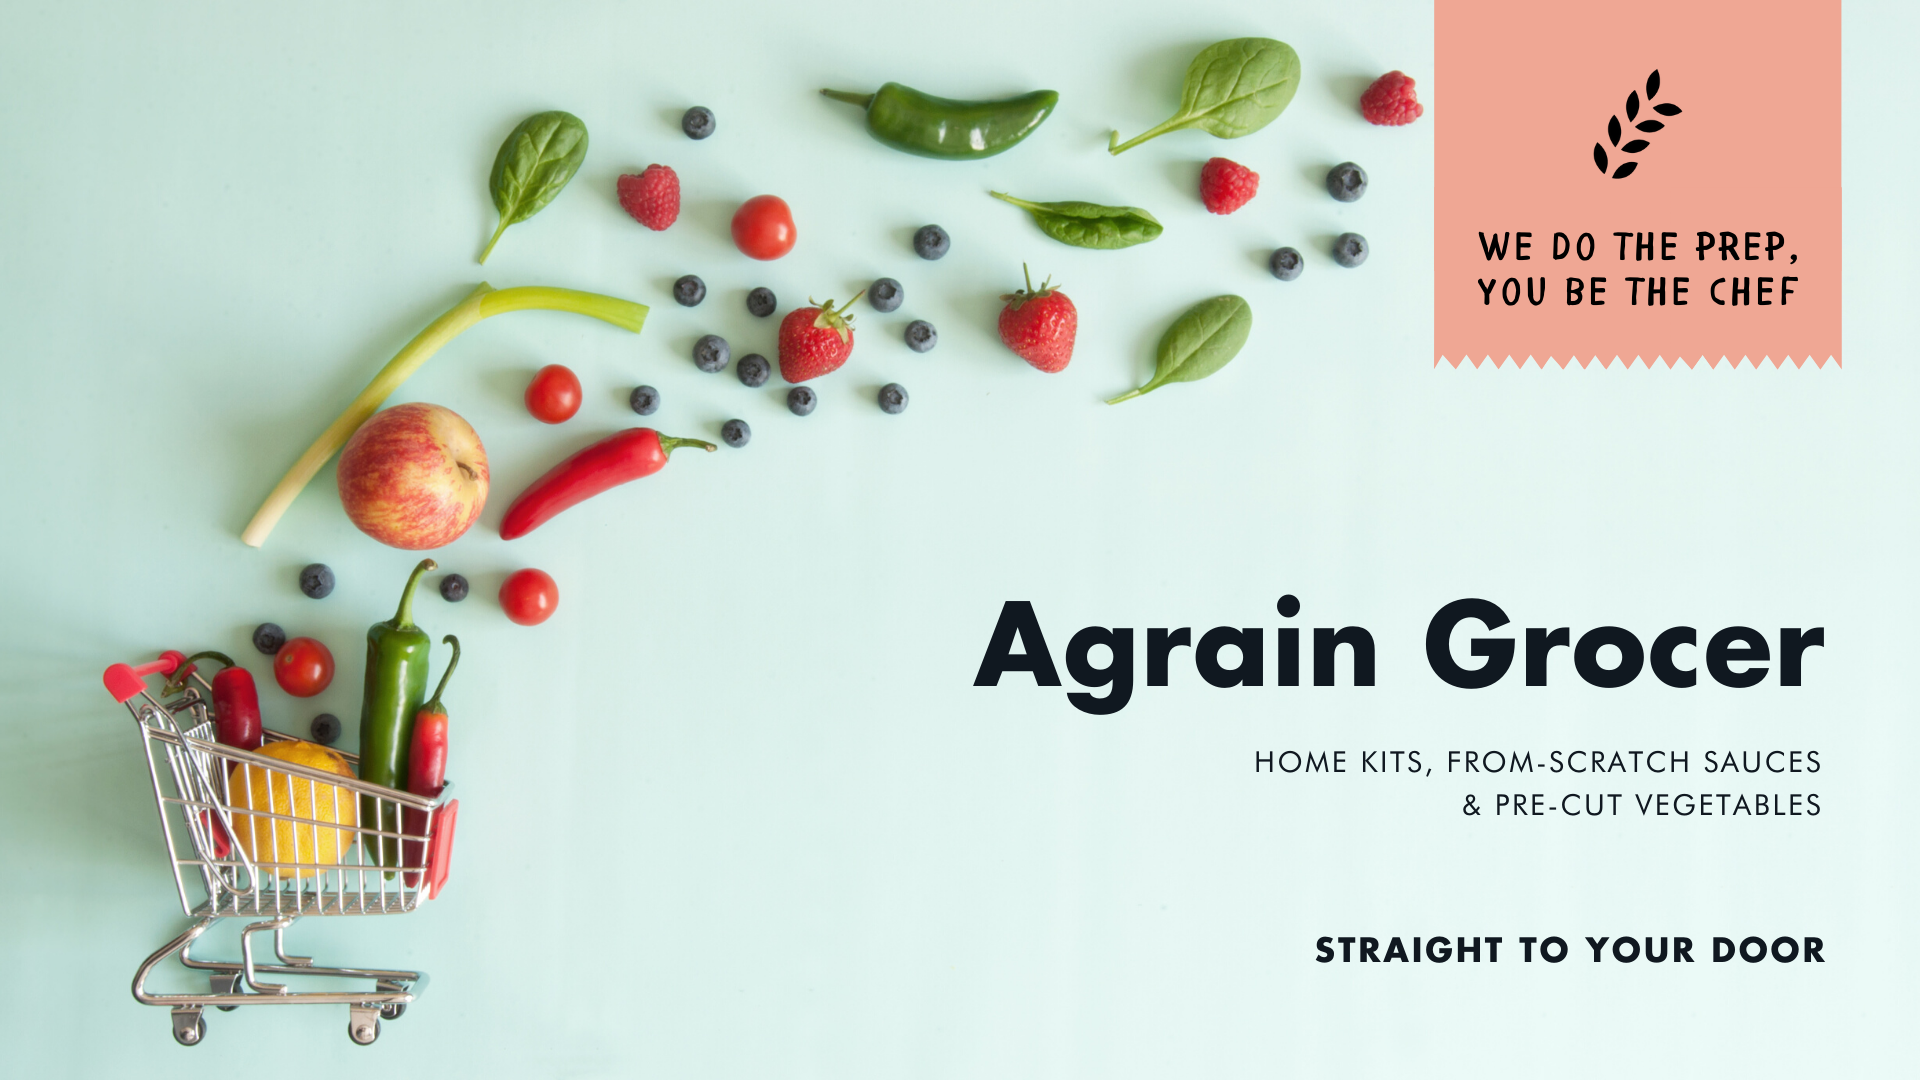 Agrain Grocer